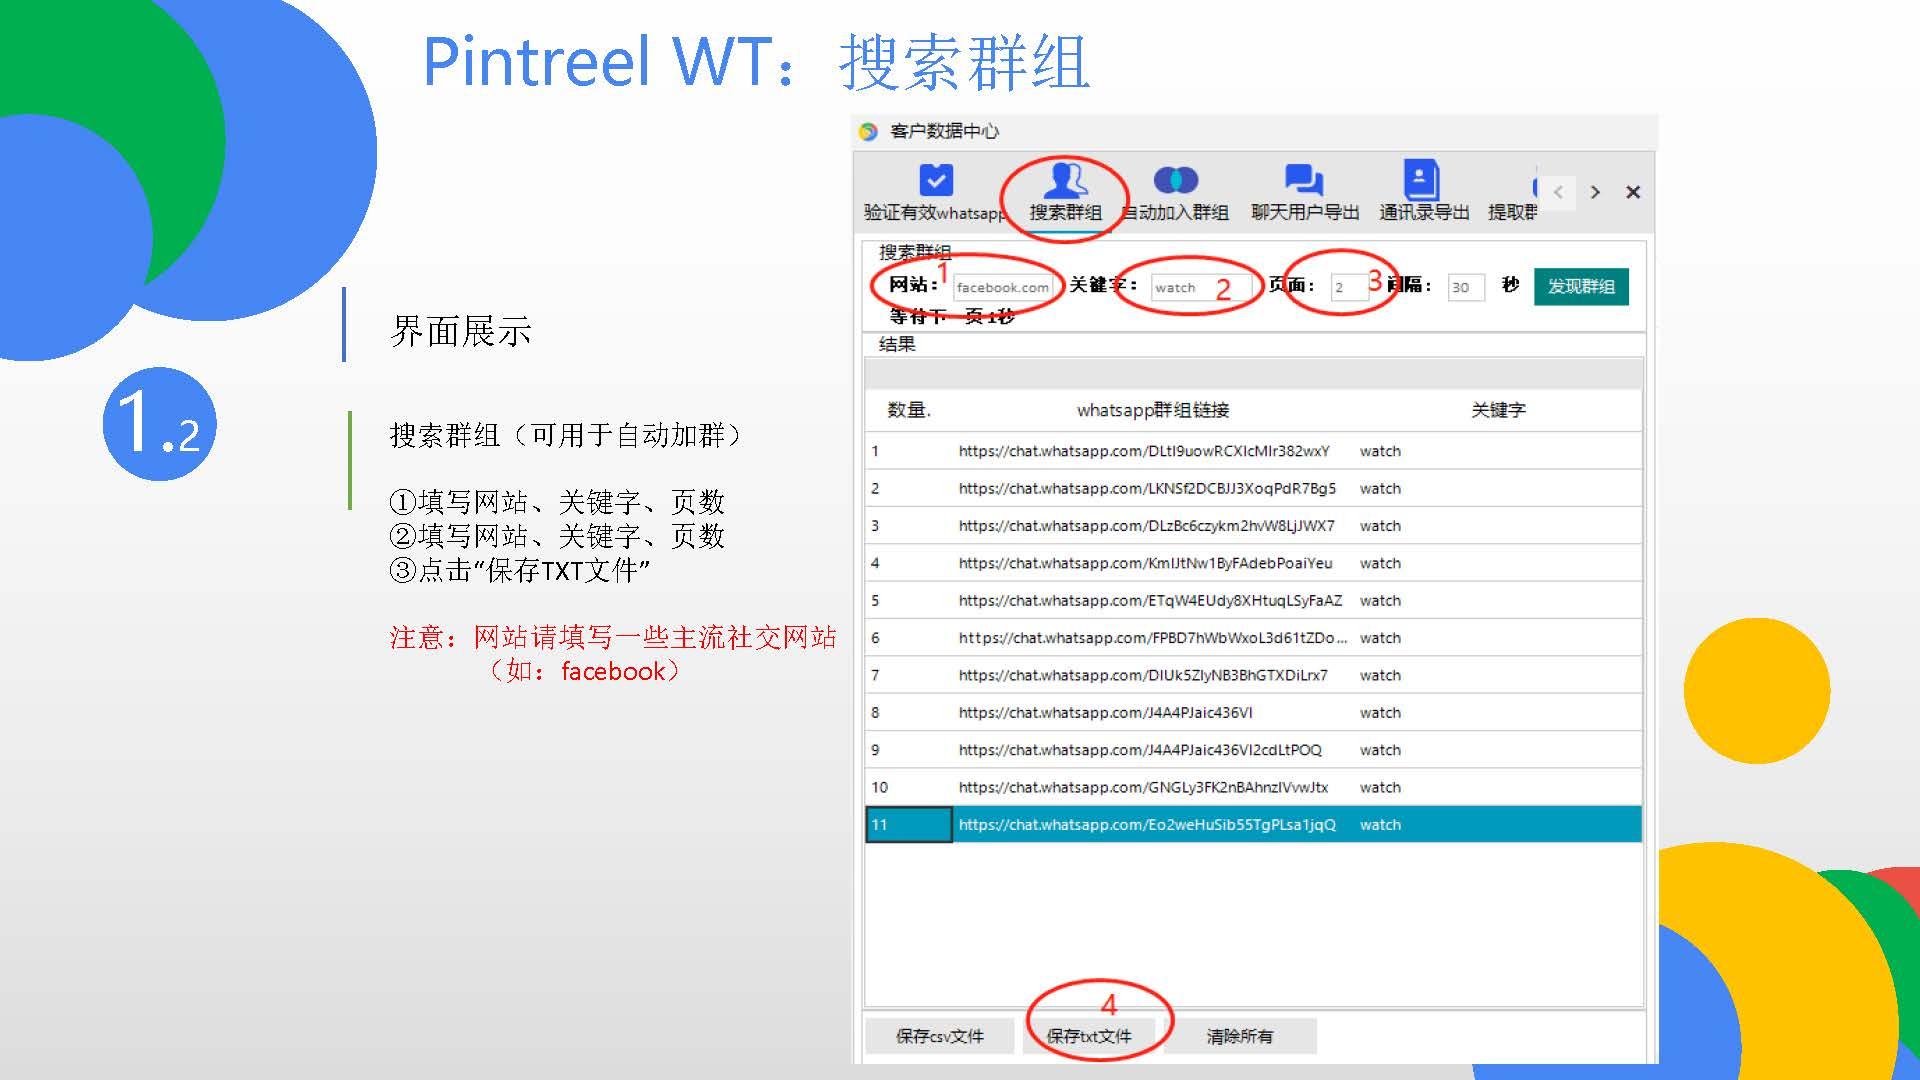 Pintreel WT 使用教程4.0_页面_07